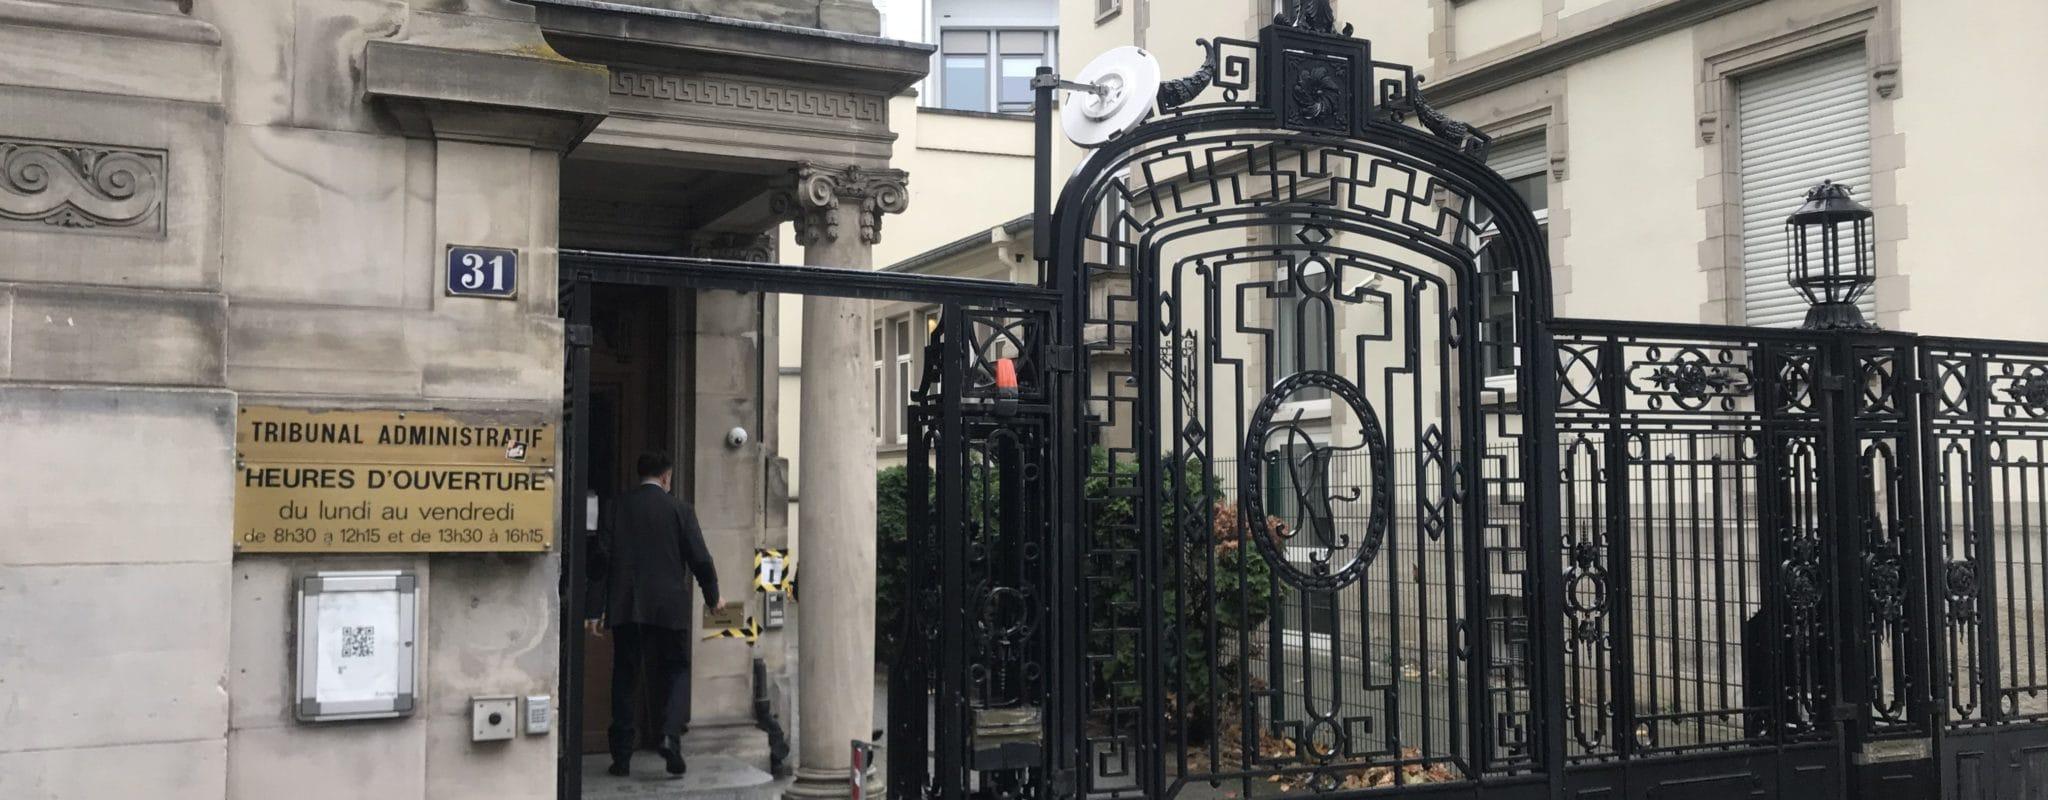 L'ouverture de commerces «non essentiels» à Colmar annulée par la justice